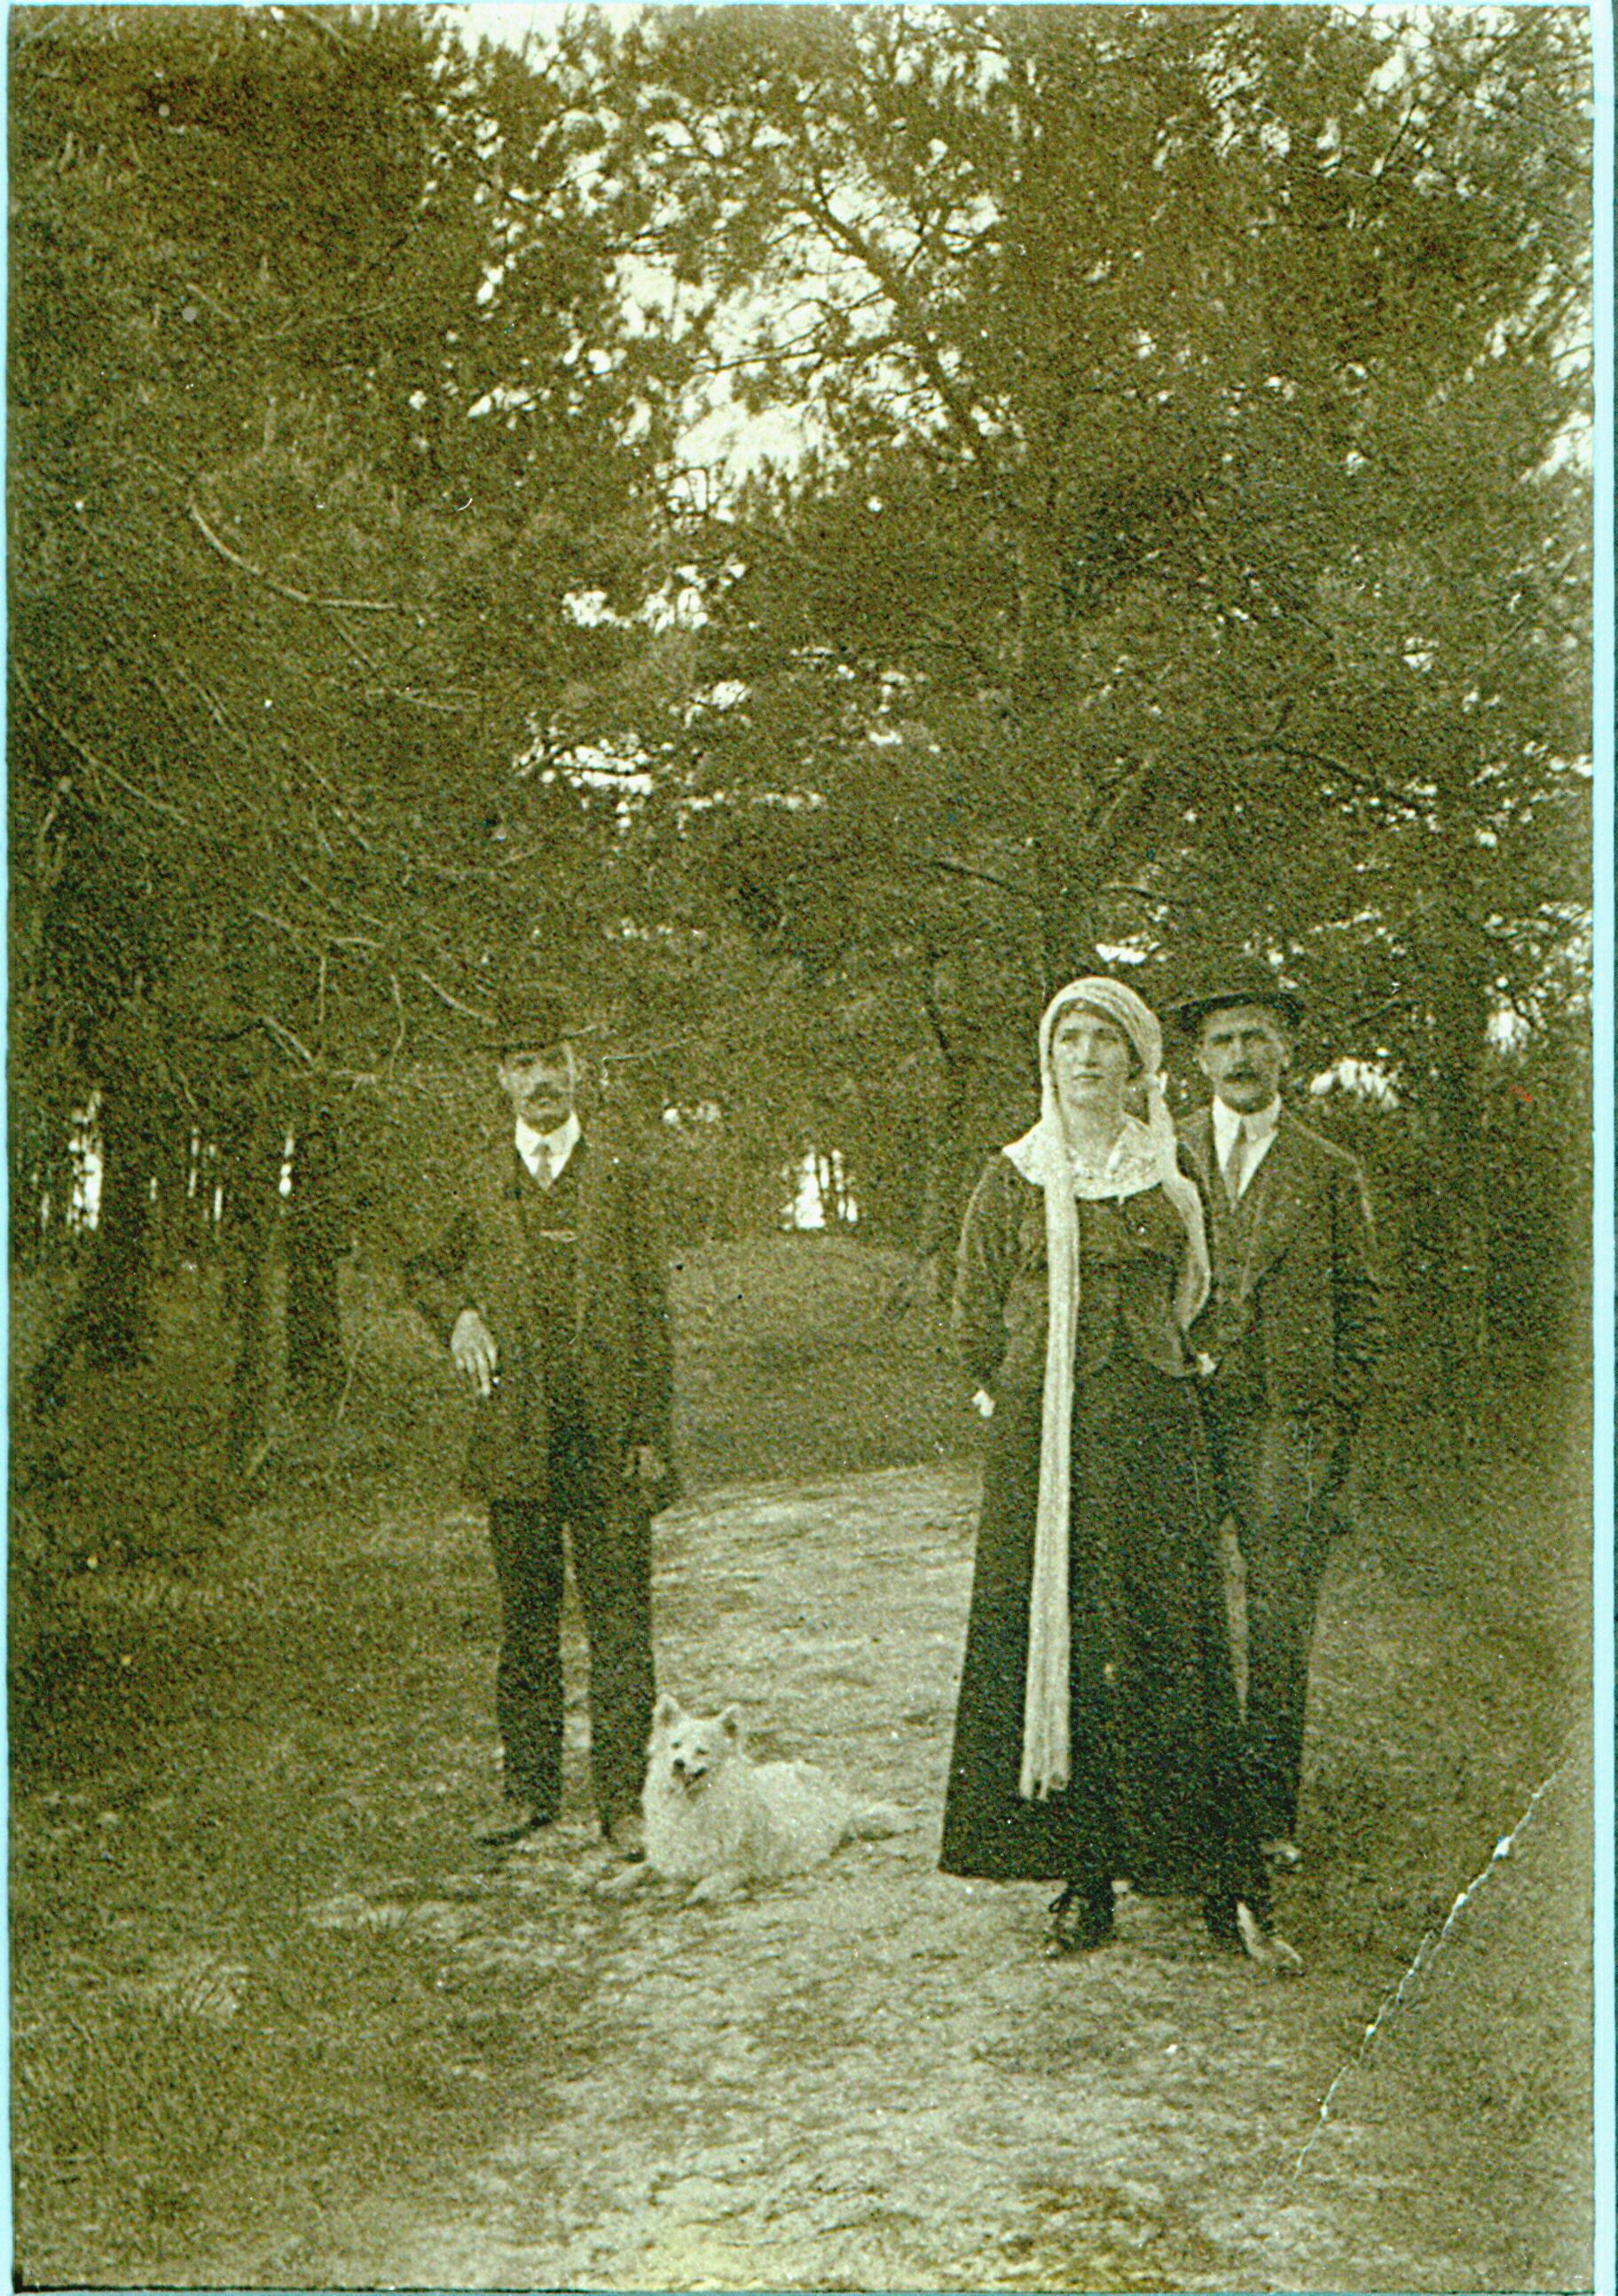 Stefania na spacerze ze szwagrem i jego przyjacielem, Podkowa Leśna